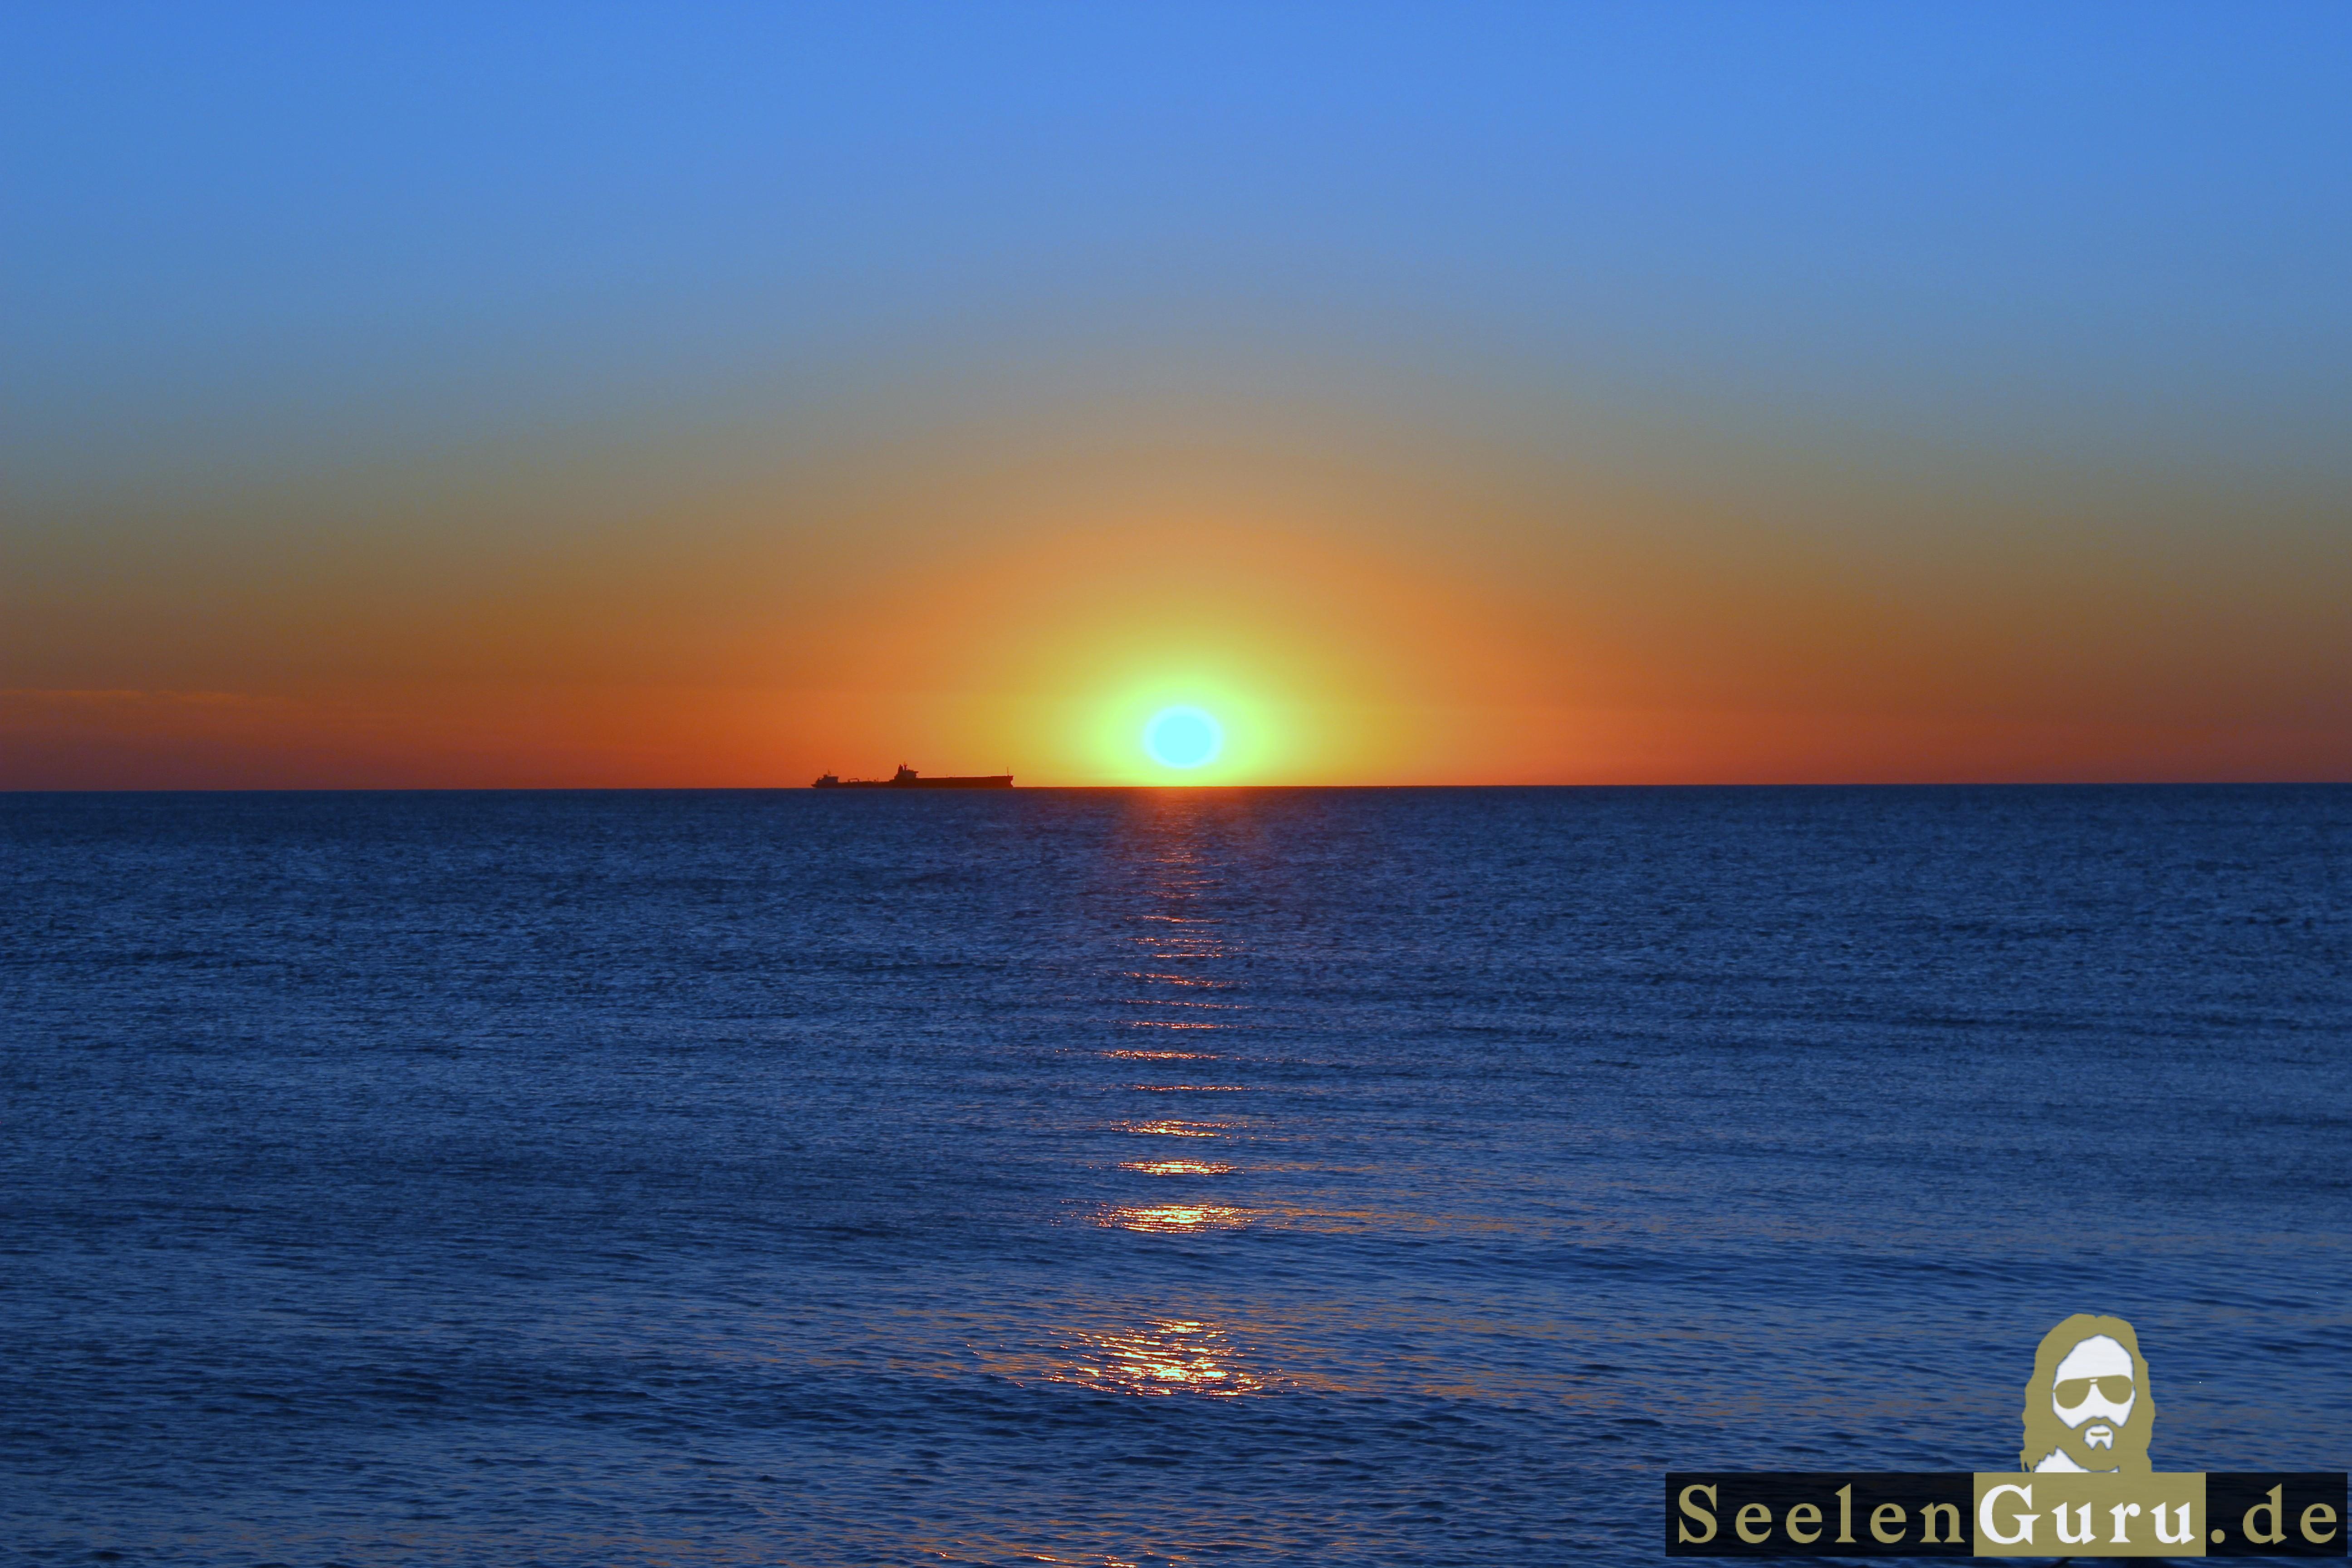 Romantischer Augenblick: Sonnenuntergang an der Ostsee